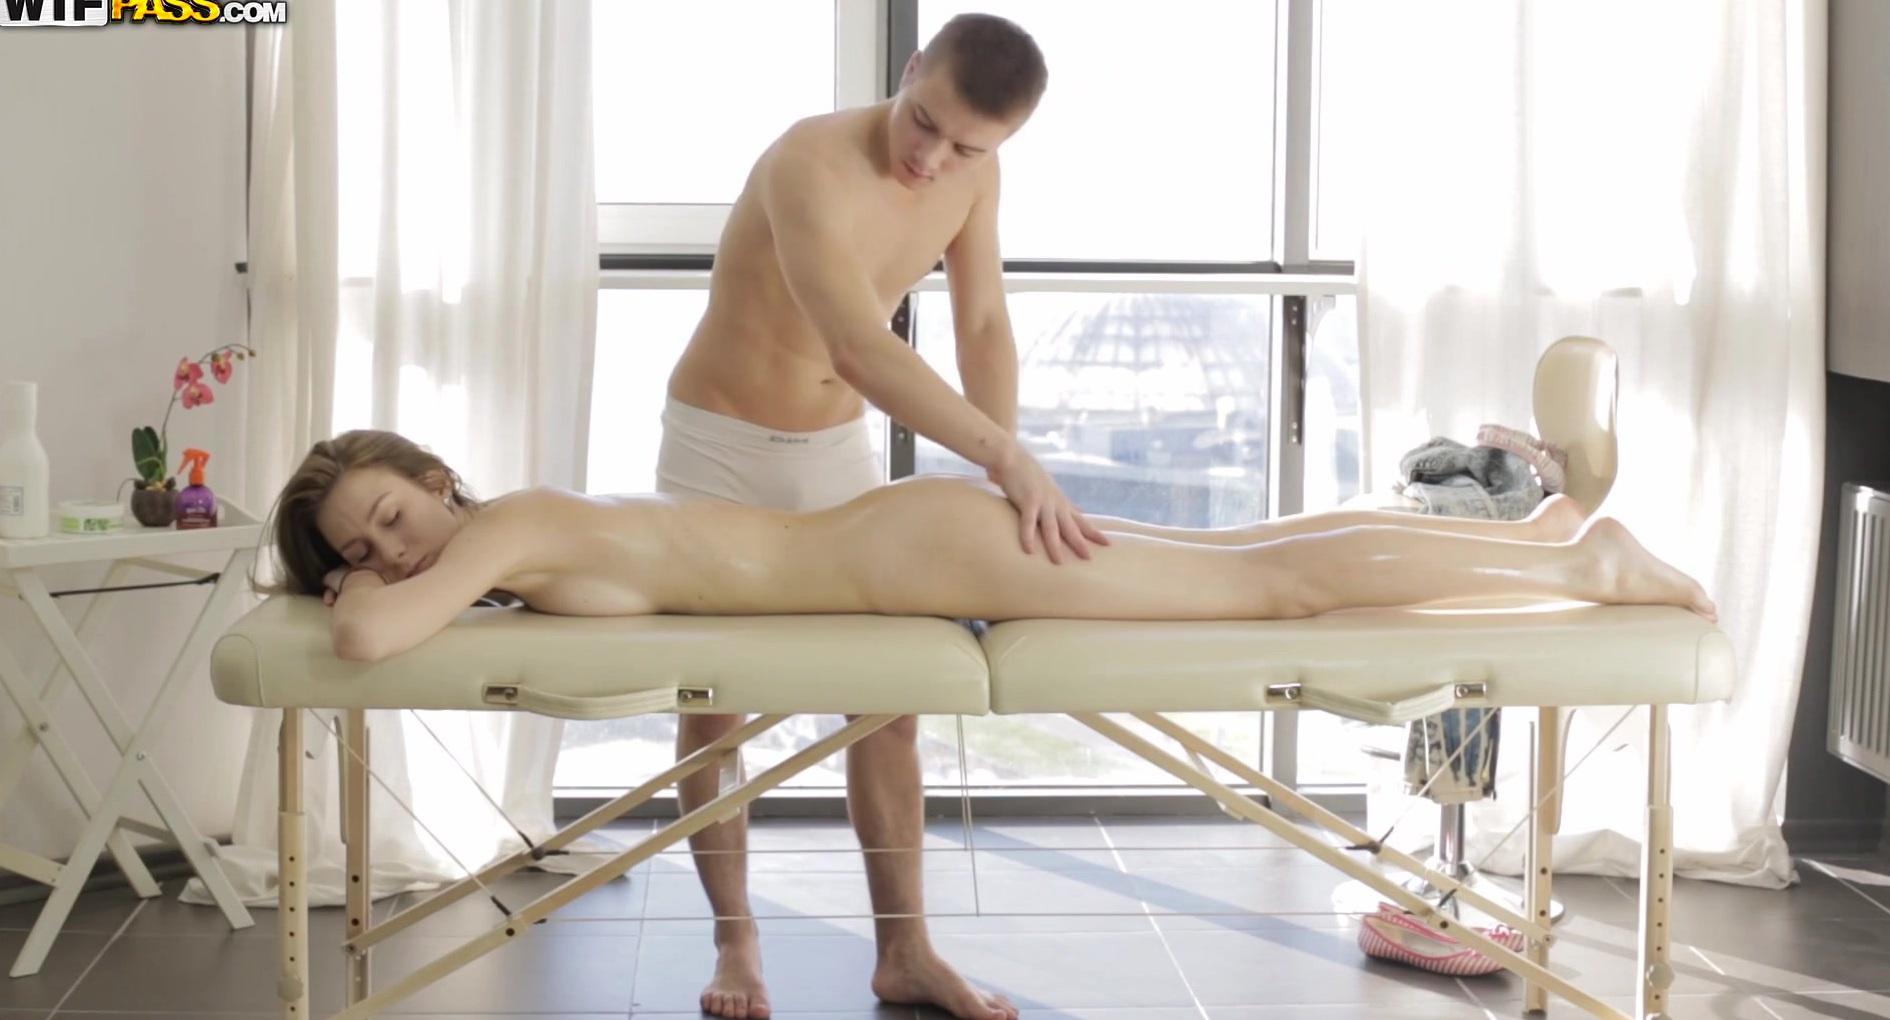 krasiviy-seks-na-massazhnom-stole